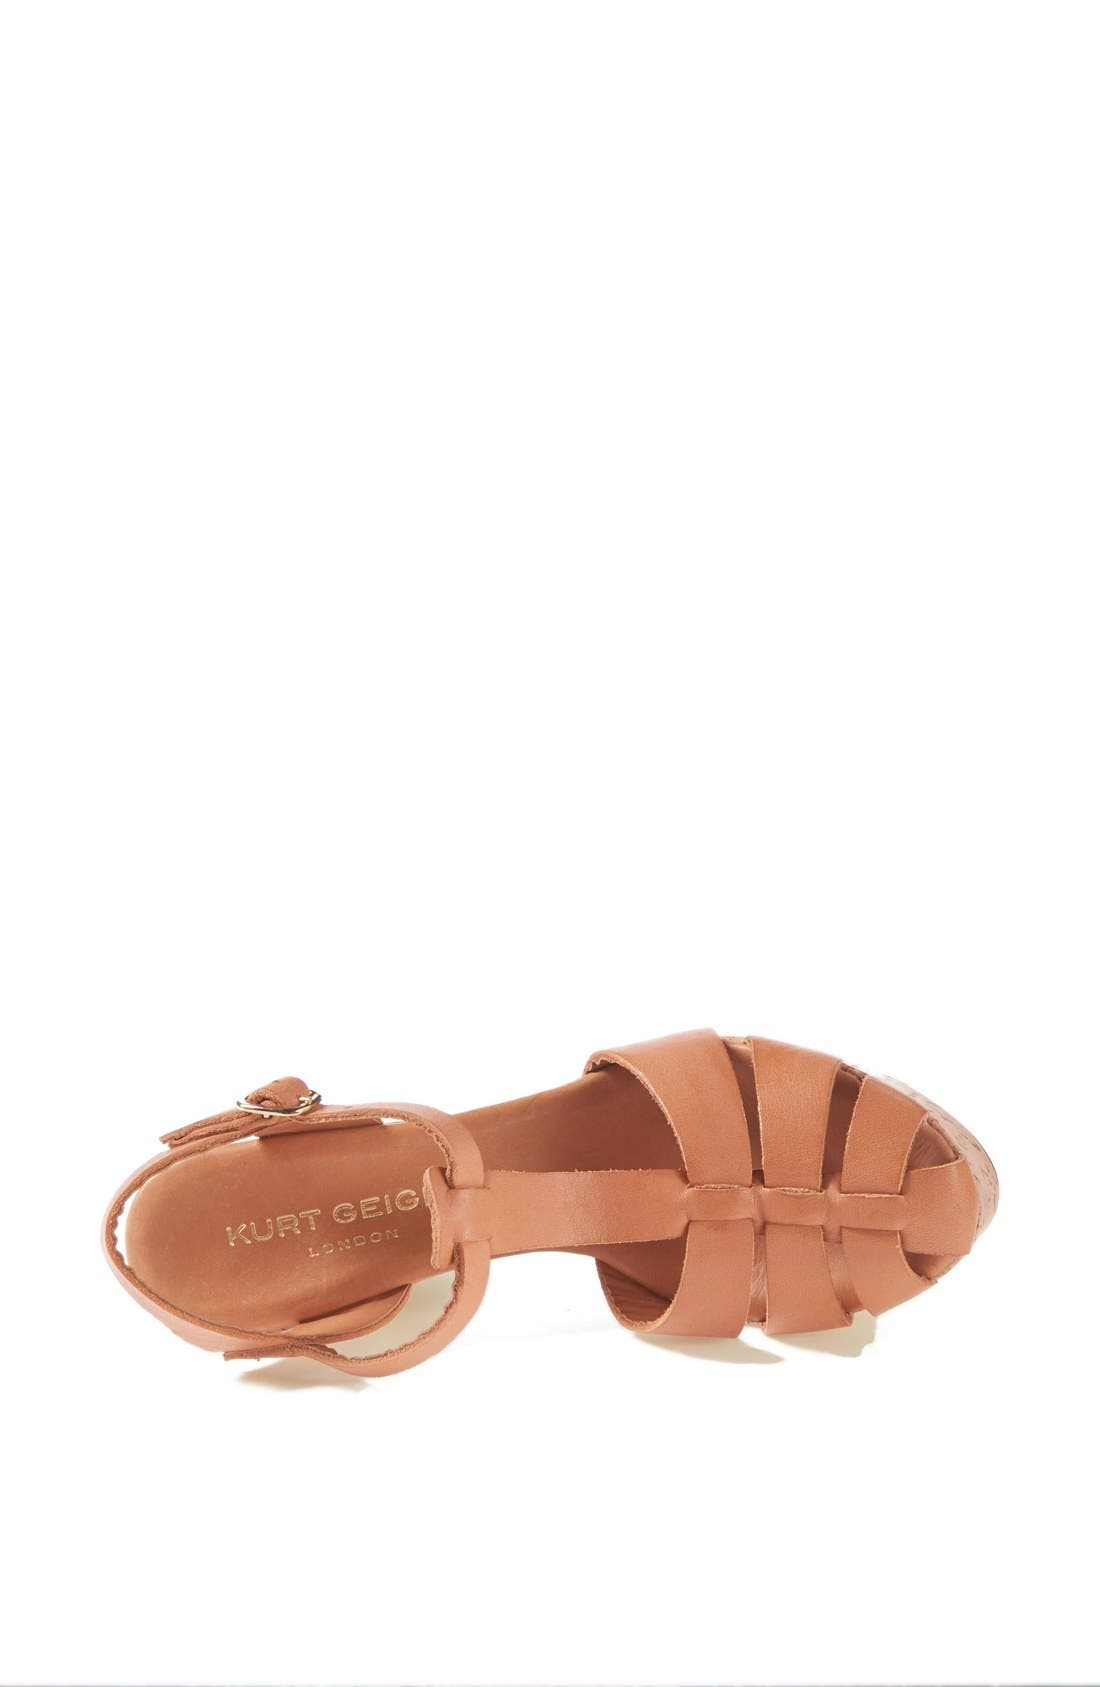 Alternate Image 3  - Kurt Geiger London 'Lotus' Platform Leather Sandal